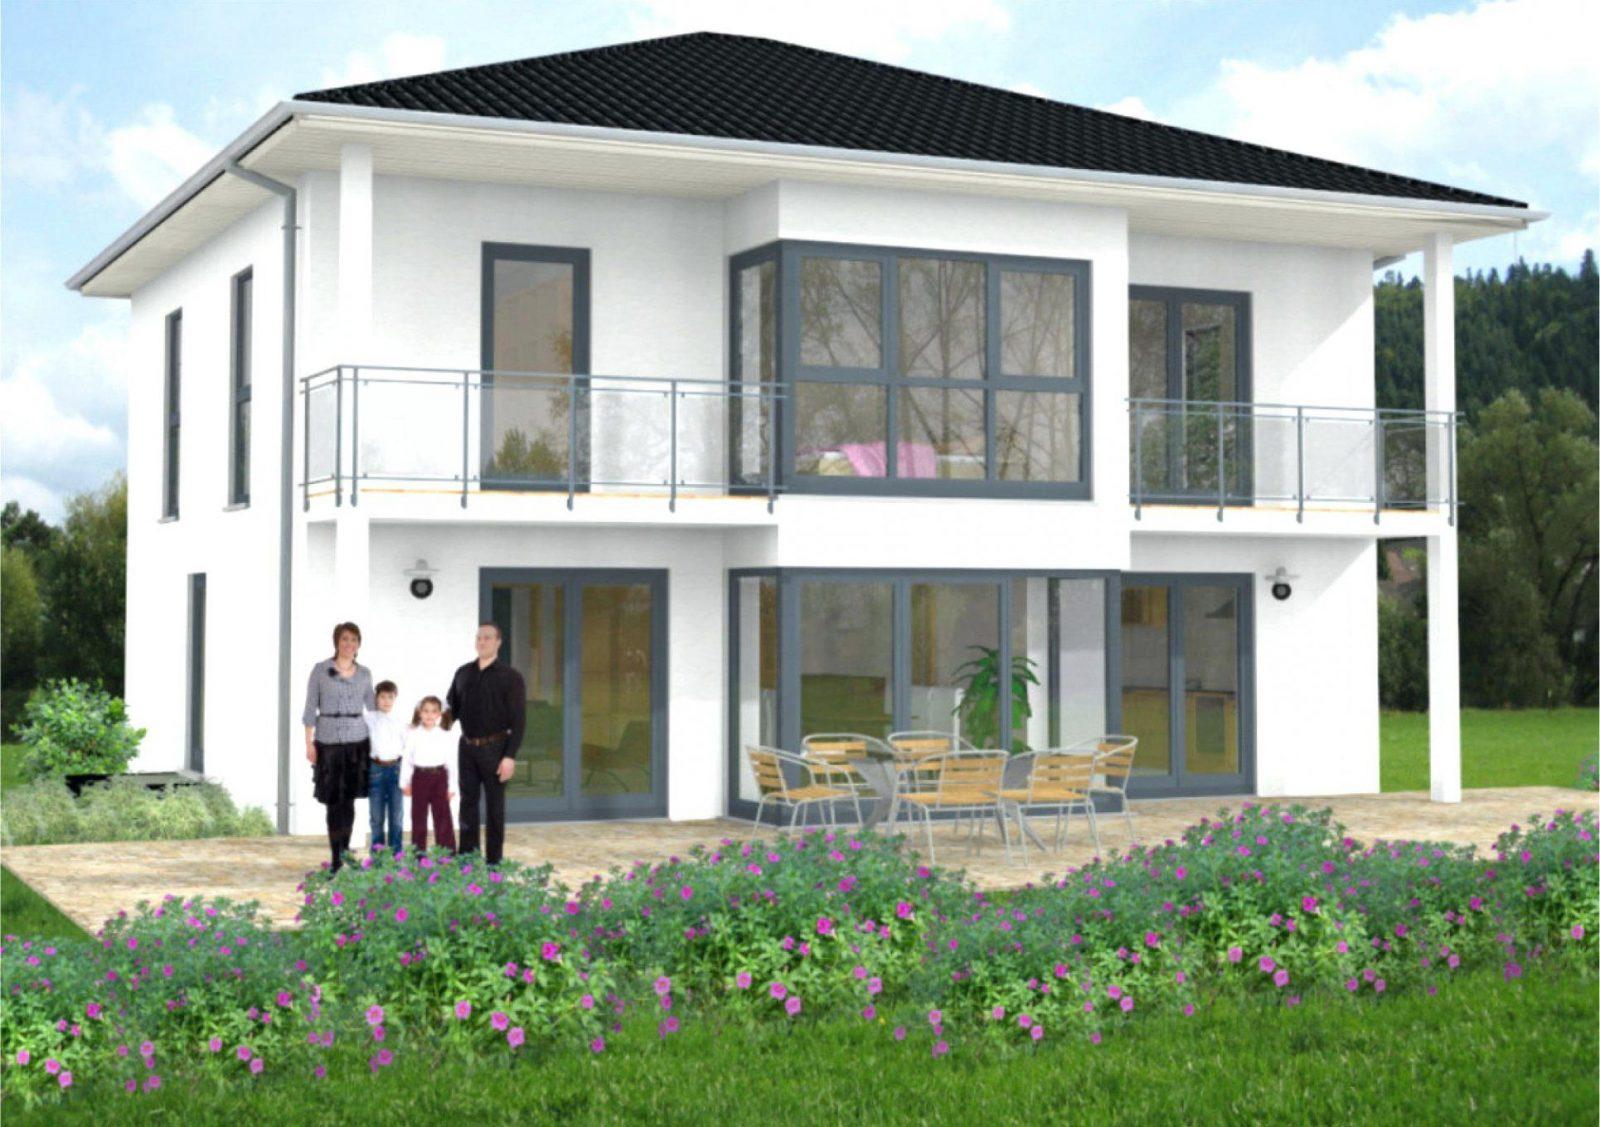 Hausbauen Kosten Architekturhauser Haus Bauen Rechner Deutschland von Haus Selber Bauen Kosten Rechner Photo